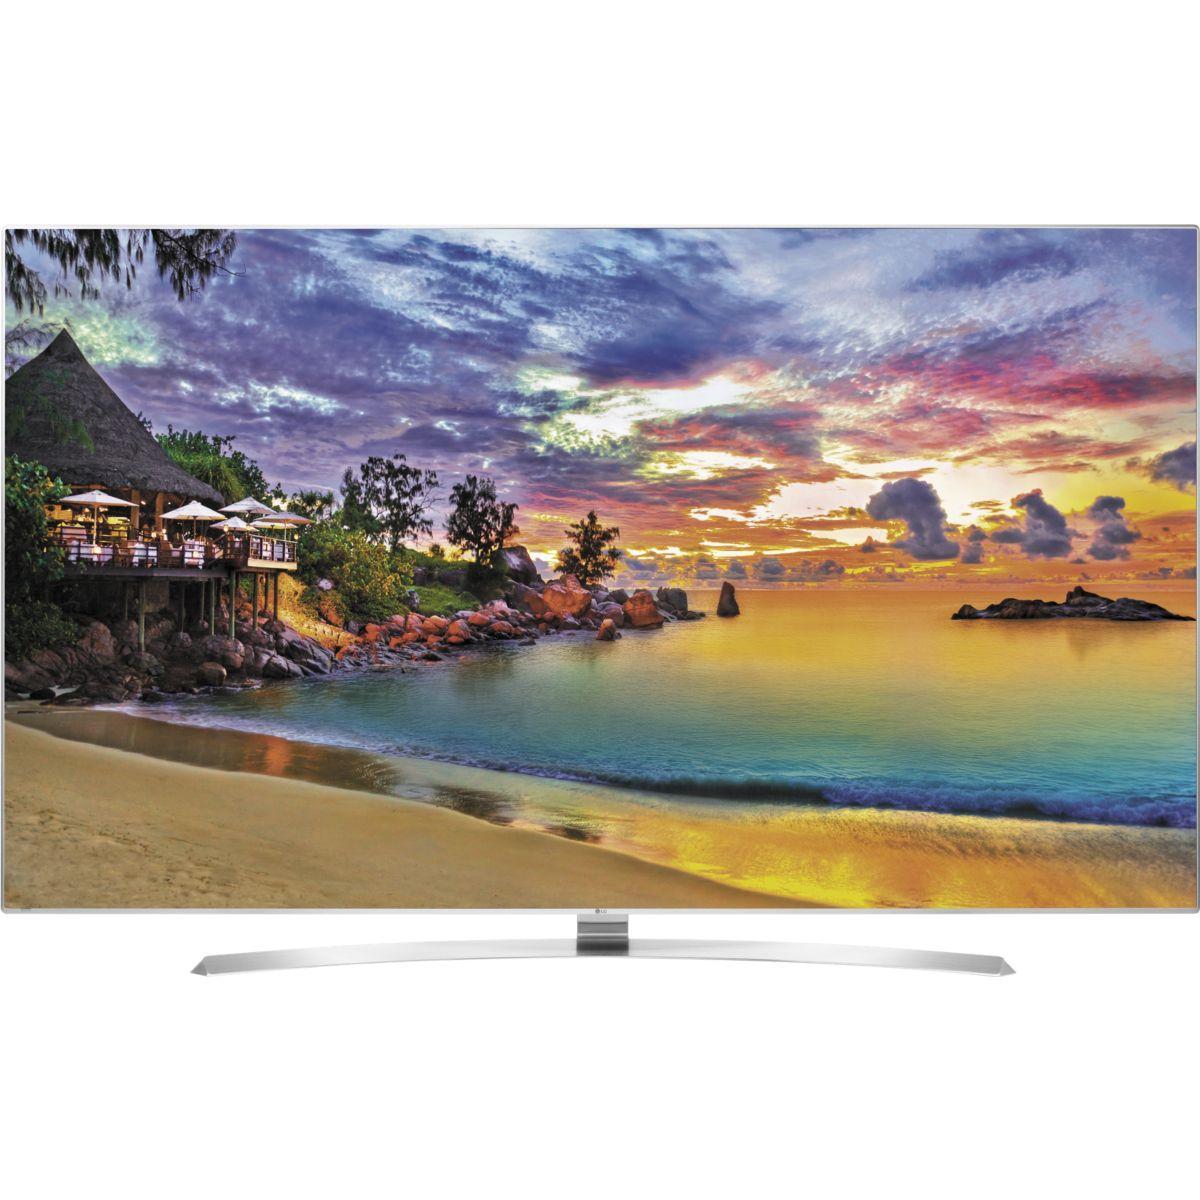 Tv lg 65uh950v 200hz 4k smart tv 3d - livraison offerte avec le code livofftv